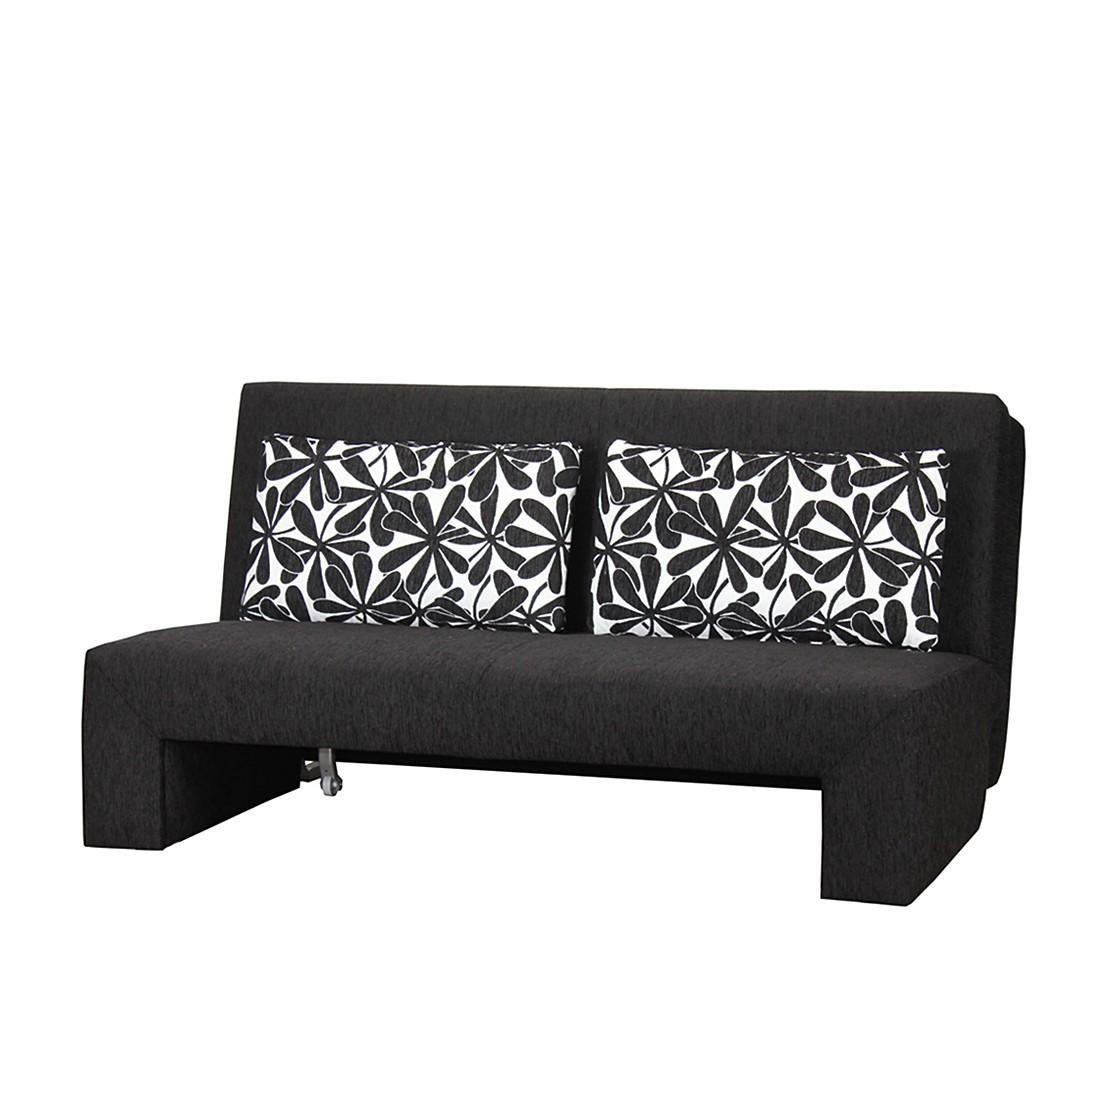 schlafcouch falke webstoff schwarz breite 155 cm topdesign kaufen. Black Bedroom Furniture Sets. Home Design Ideas